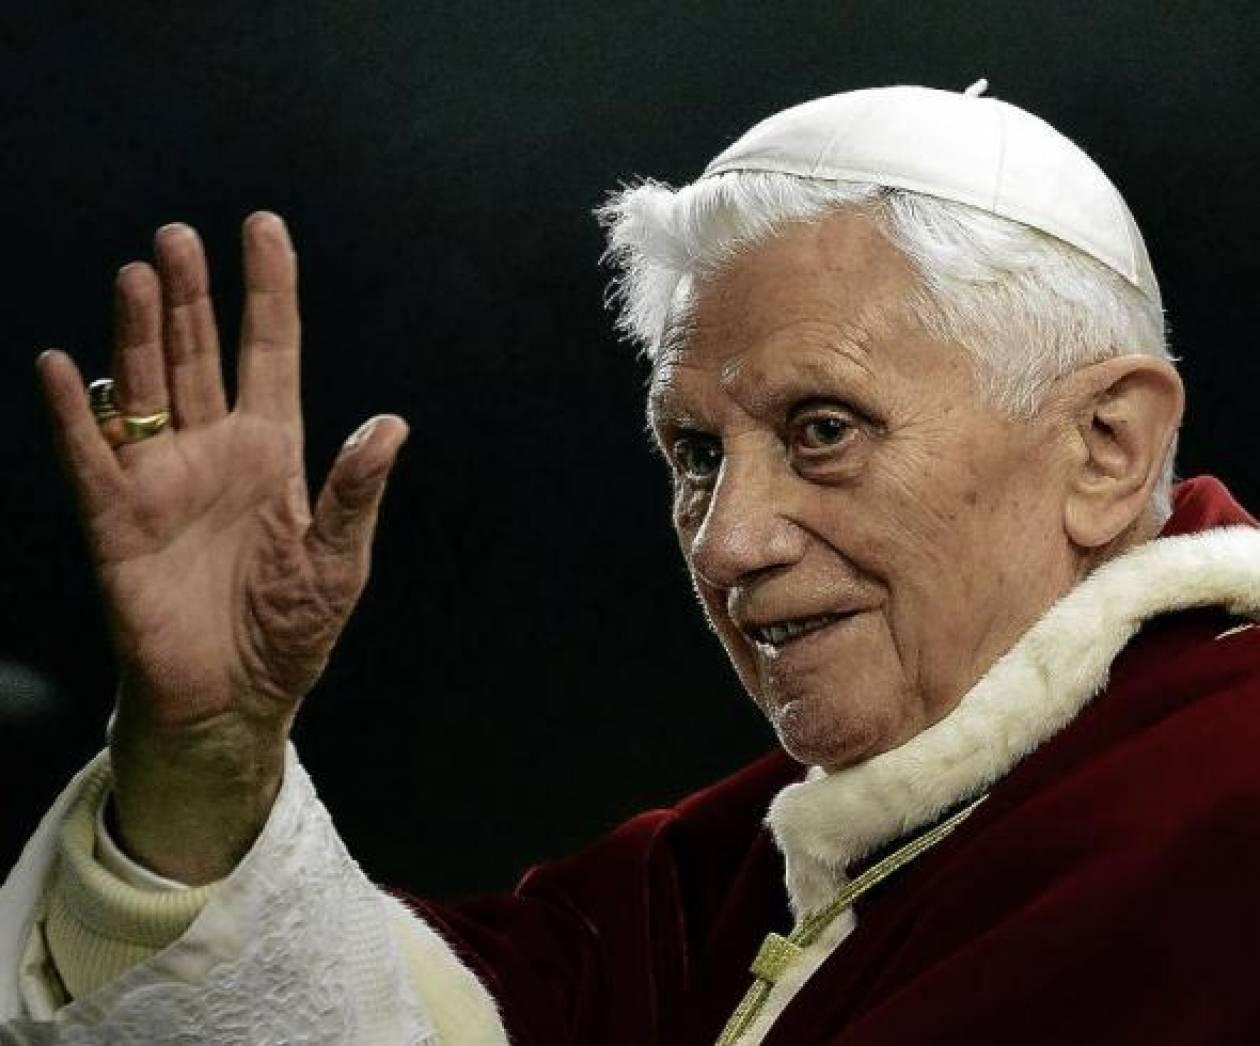 Επιστρέφει στο Βατικανό ο Πάπας Βενέδικτος